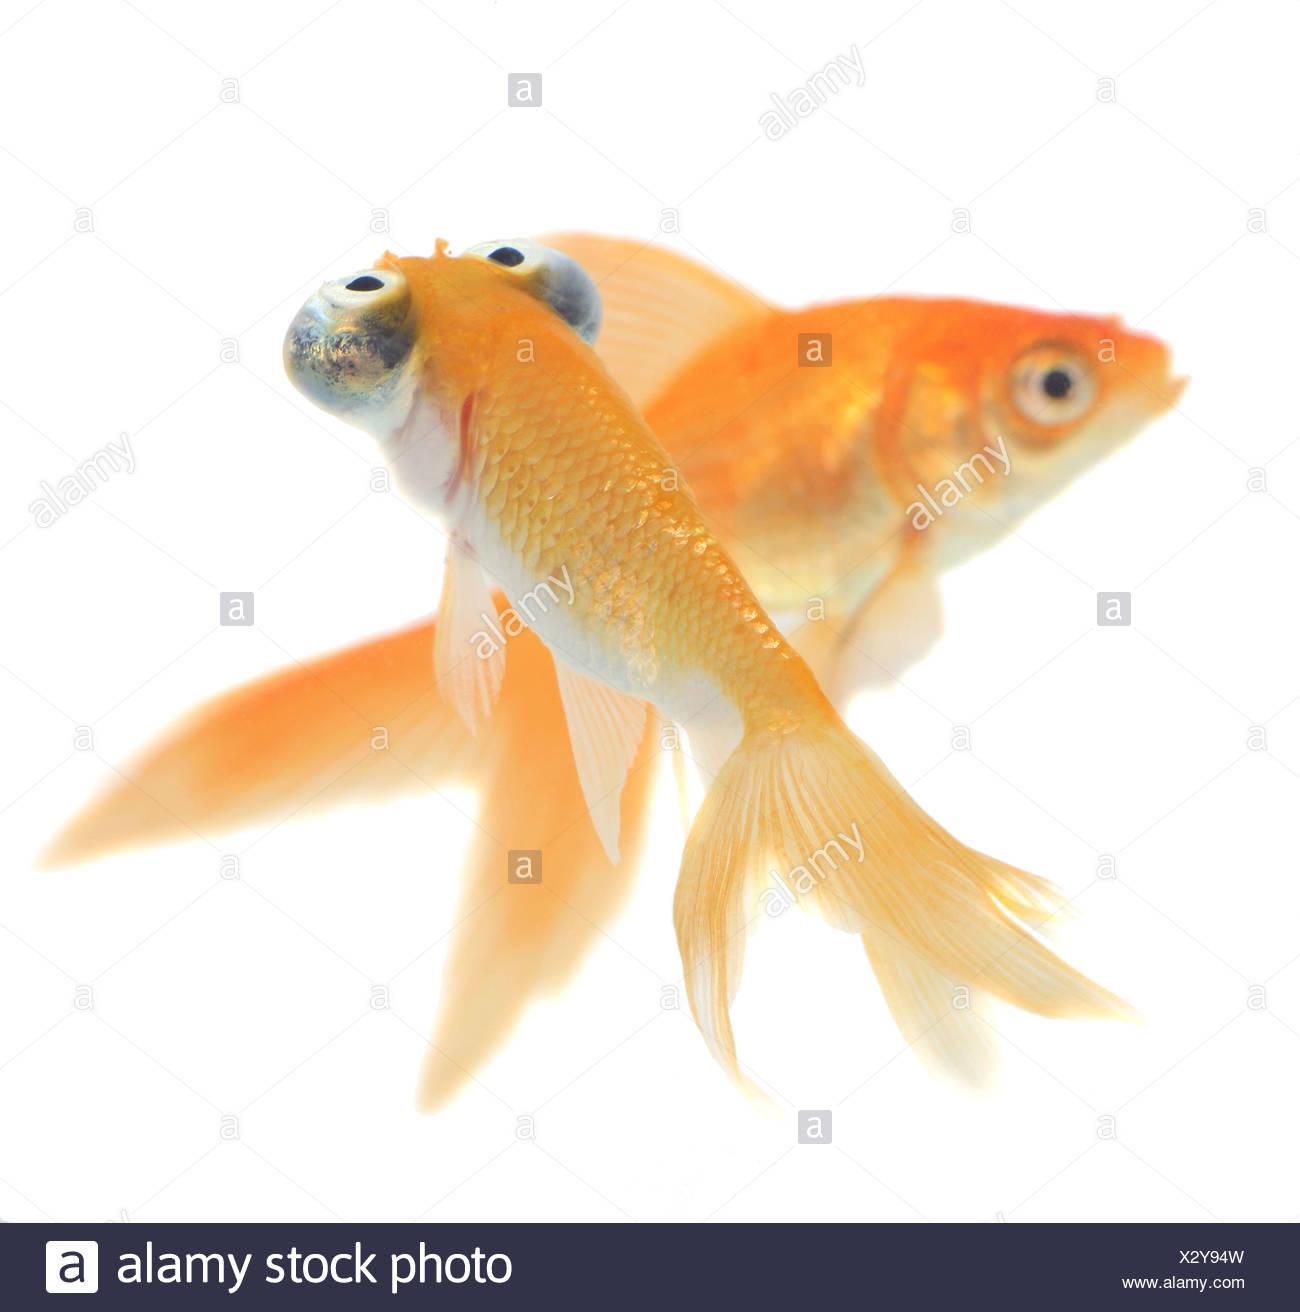 goldfish, common carp (Carassius auratus), comet and